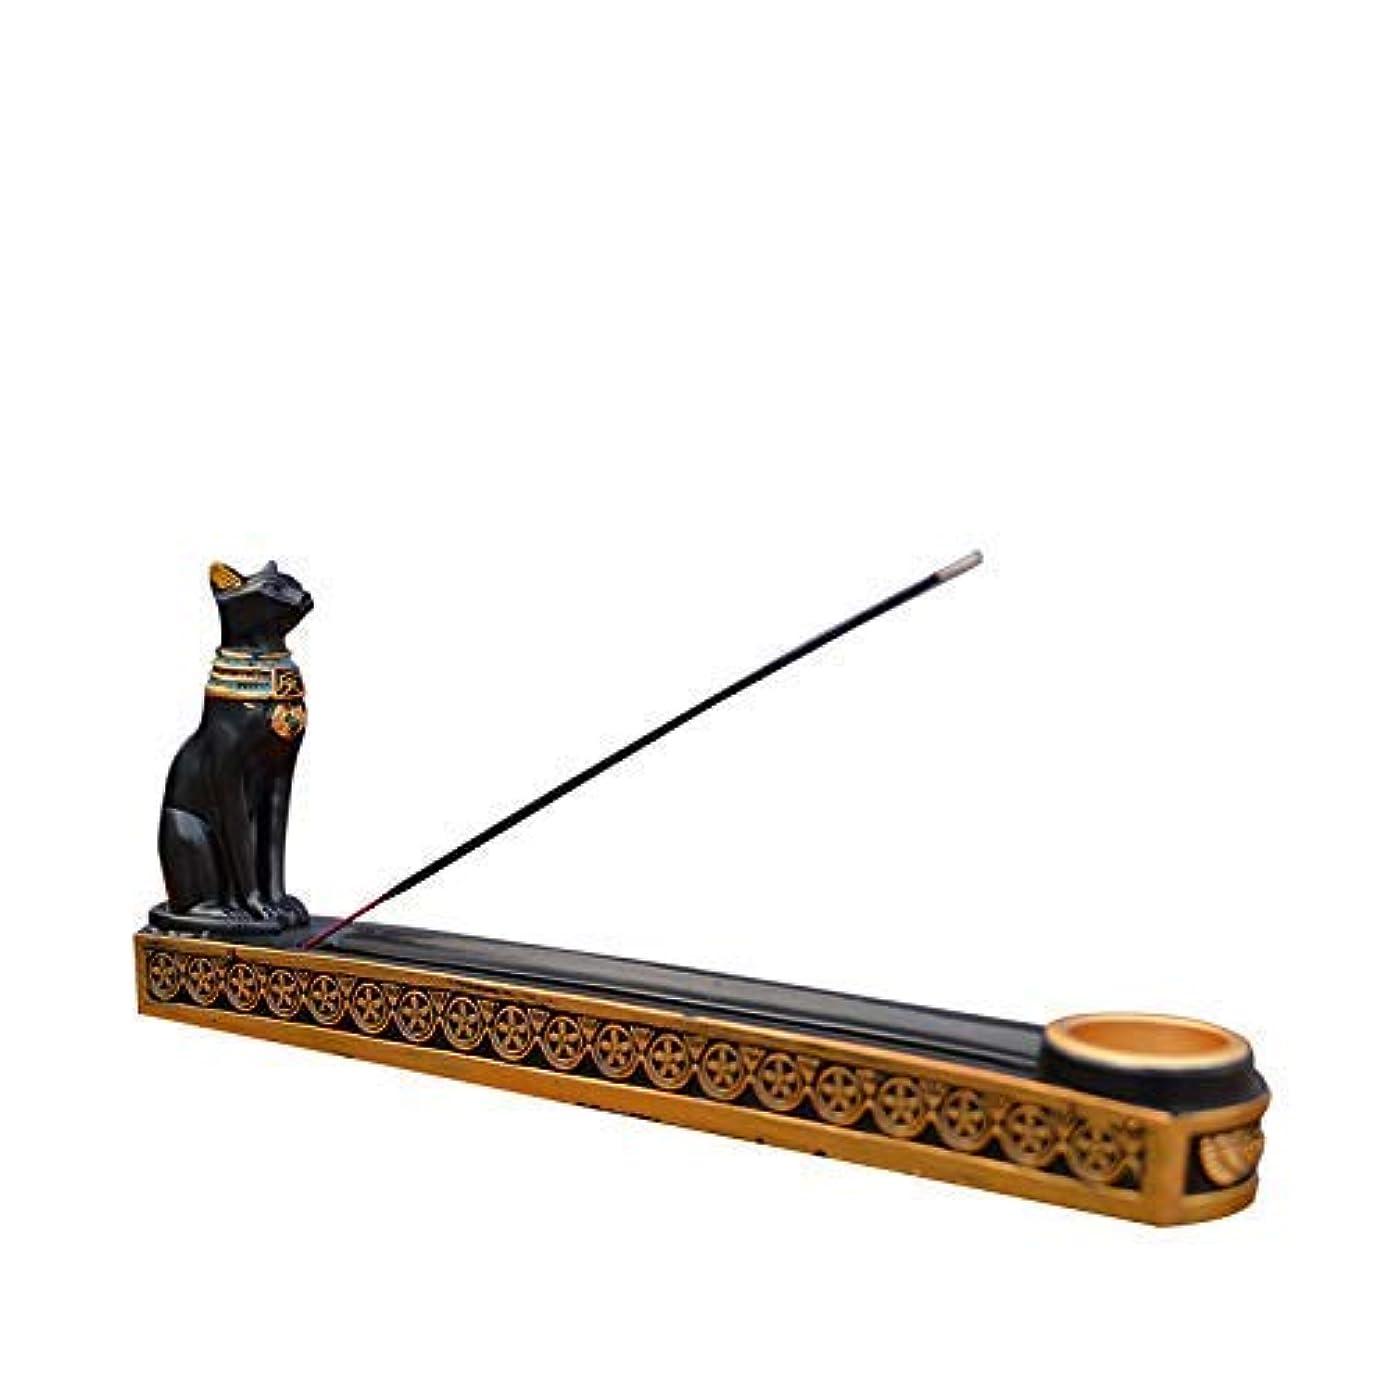 学士植物学者容疑者tonntyann 横置き お香立て ボックス 猫 寝かせ スティックおしゃれ 線香立て お香 古代エジプト風 バステト神 アロマ お香 横置き ヒエログリフ ネ